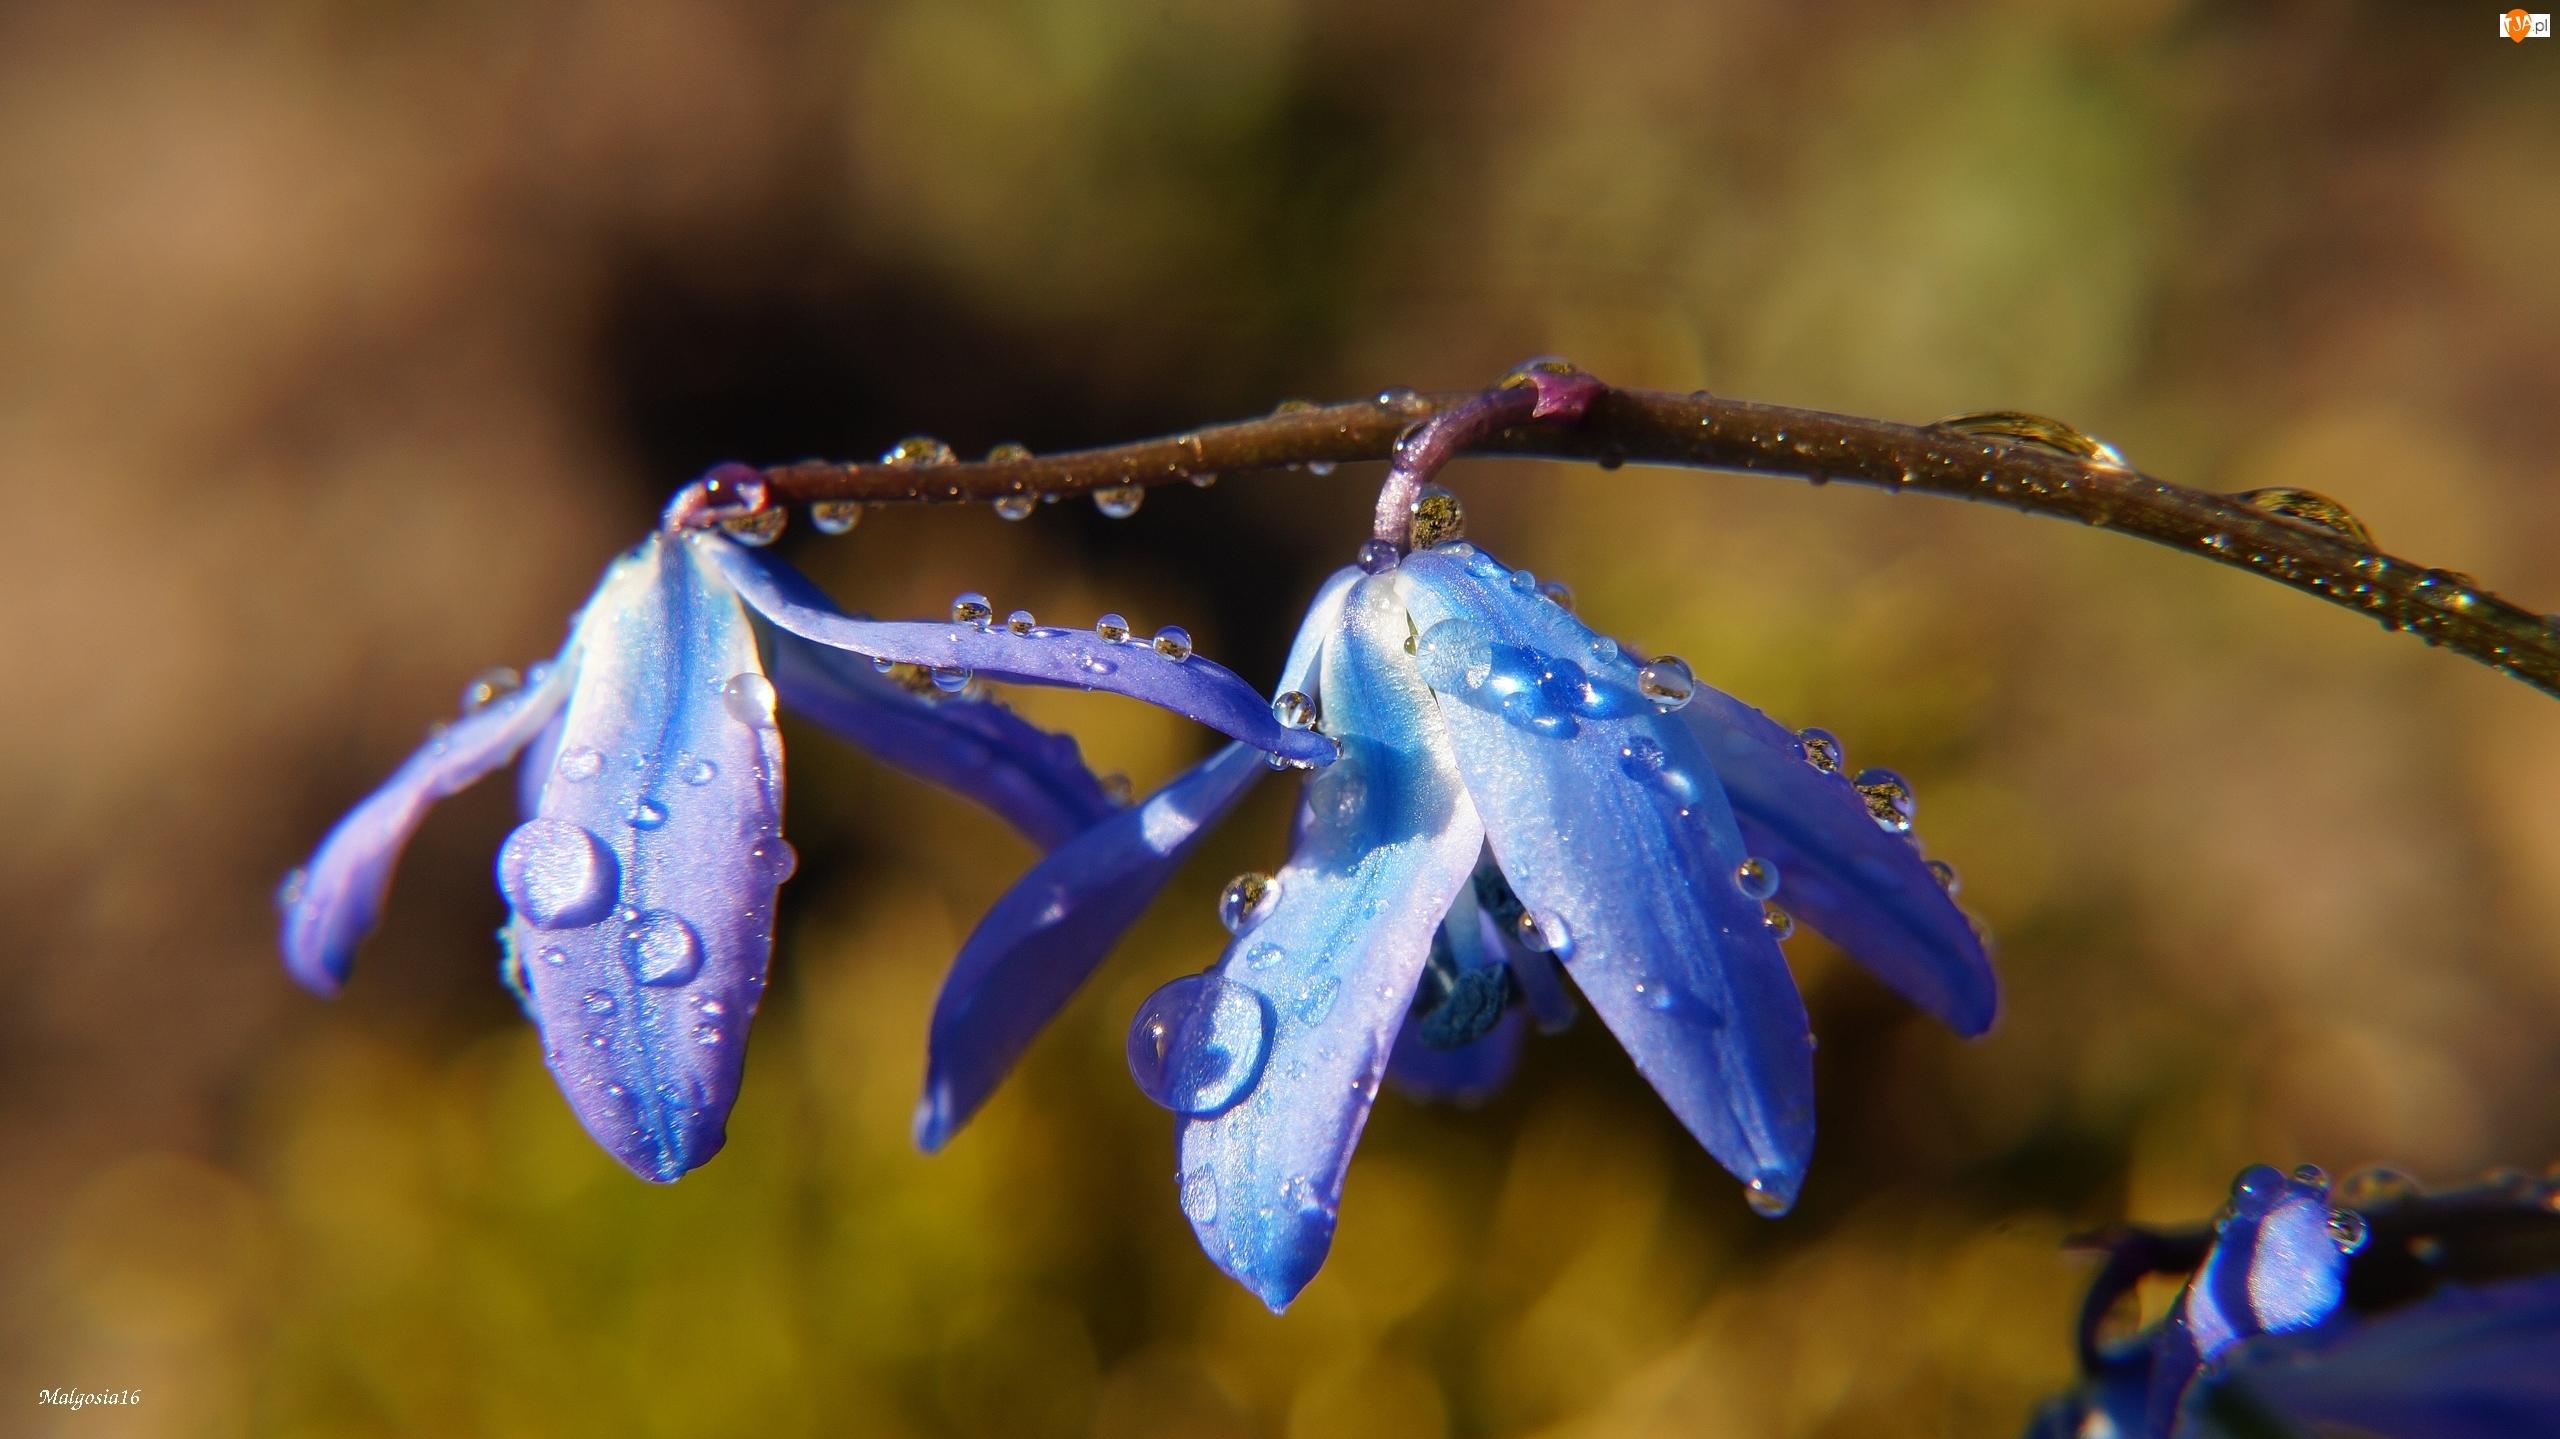 Wody, Kwiaty, Cebulica Syberyjska, Niebieskie, Krople